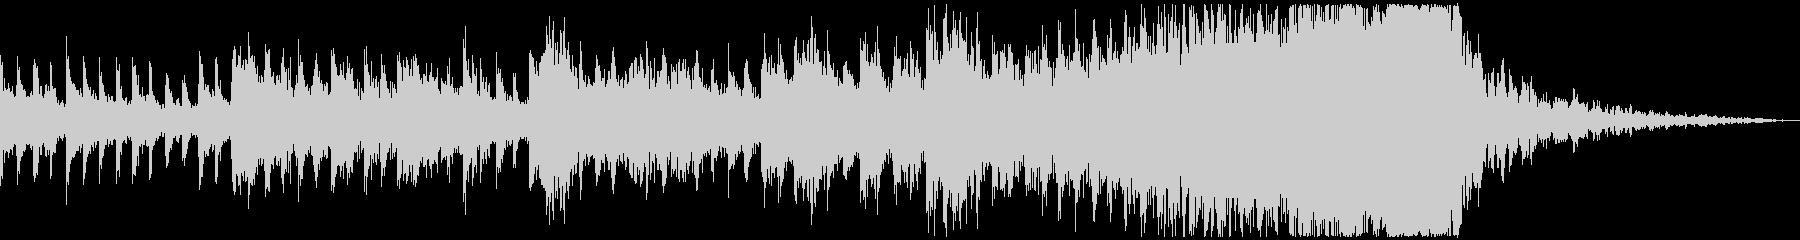 映画的なCMを想定したBGMの未再生の波形